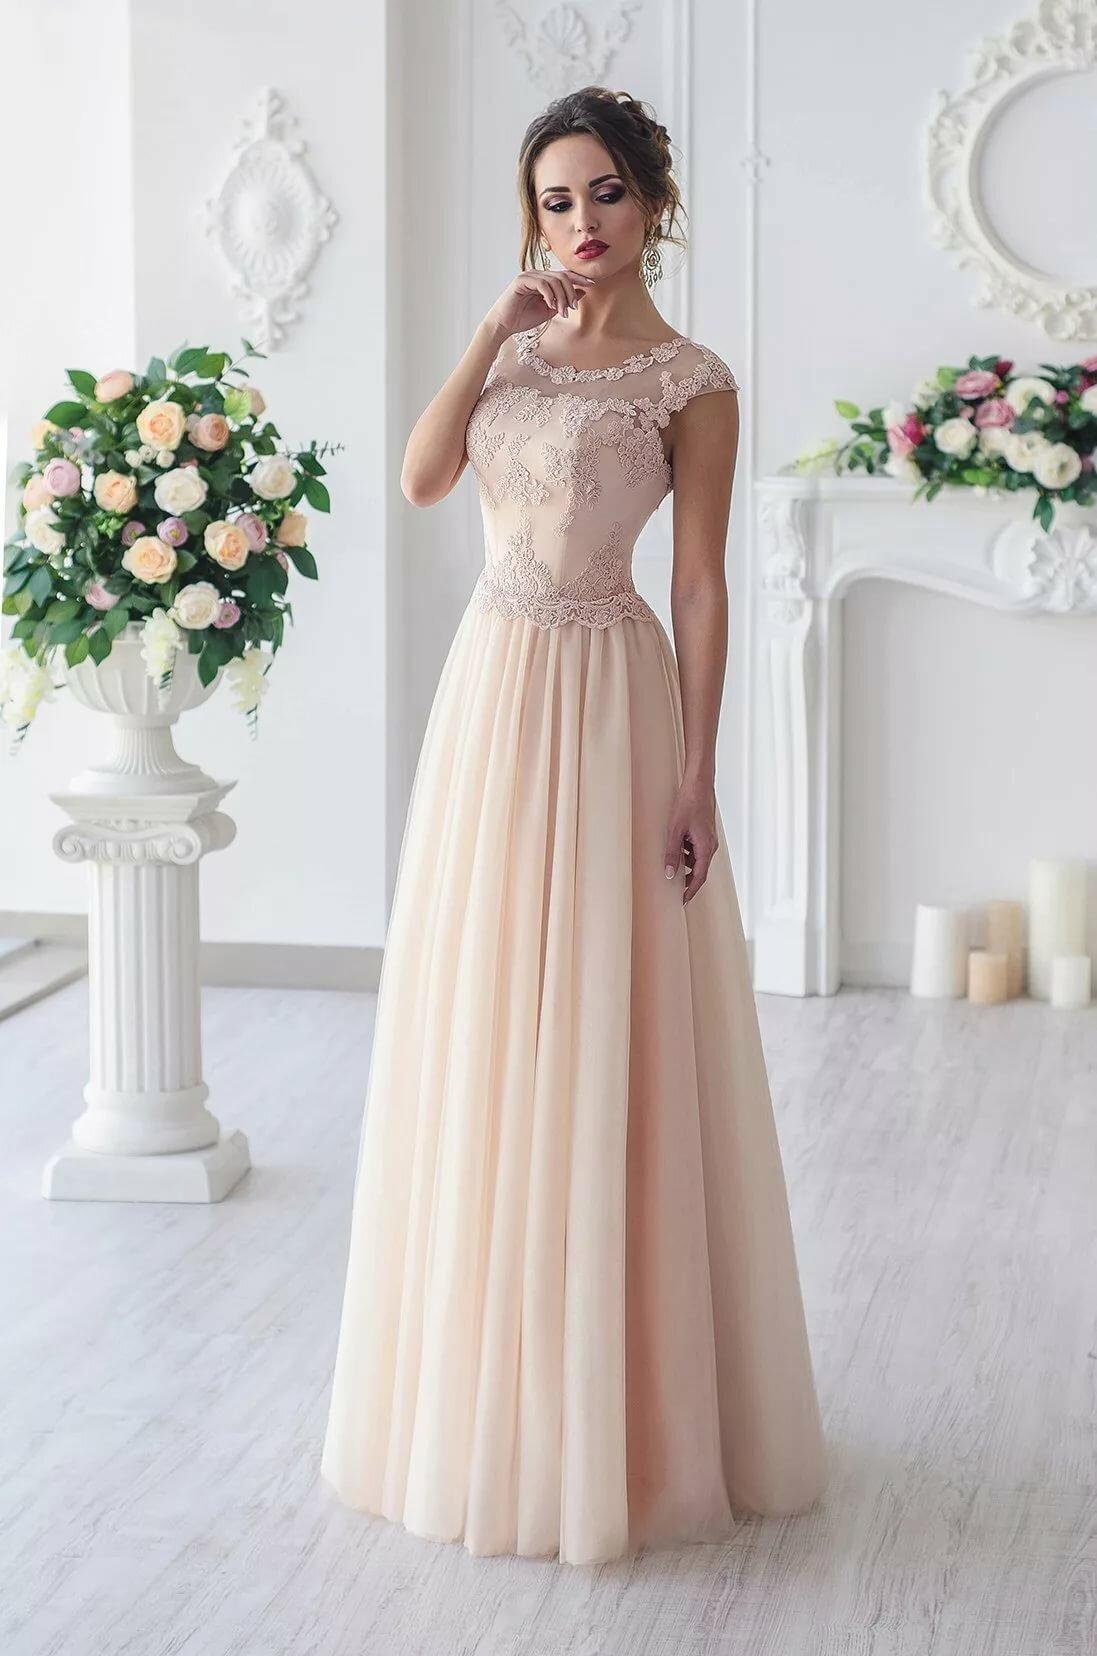 Цветов николаевск, интернет магазин цветов свадебных платьев москва